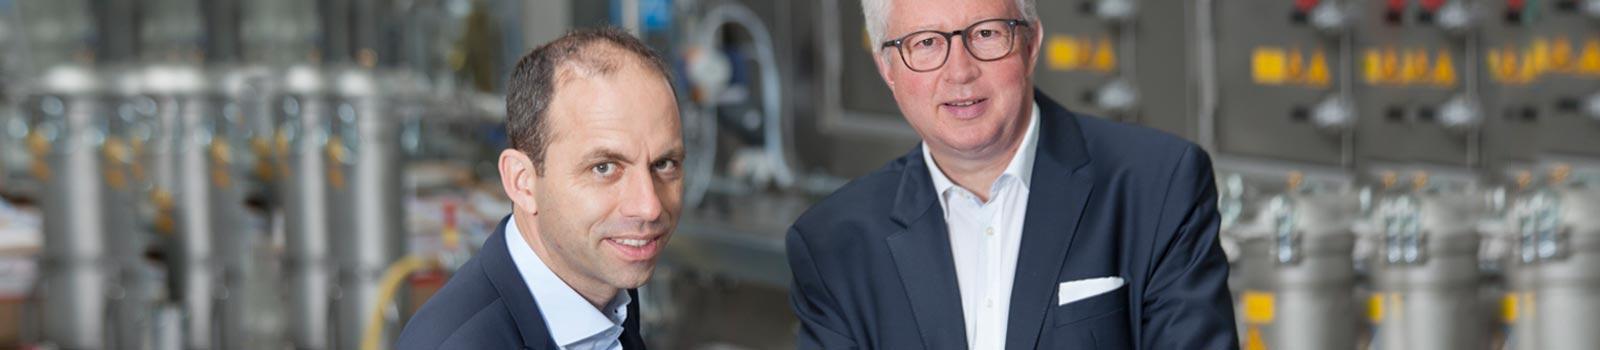 Geschäftsführung Bernard van Lengerich (links) und Bernhard Sievering (rechts)